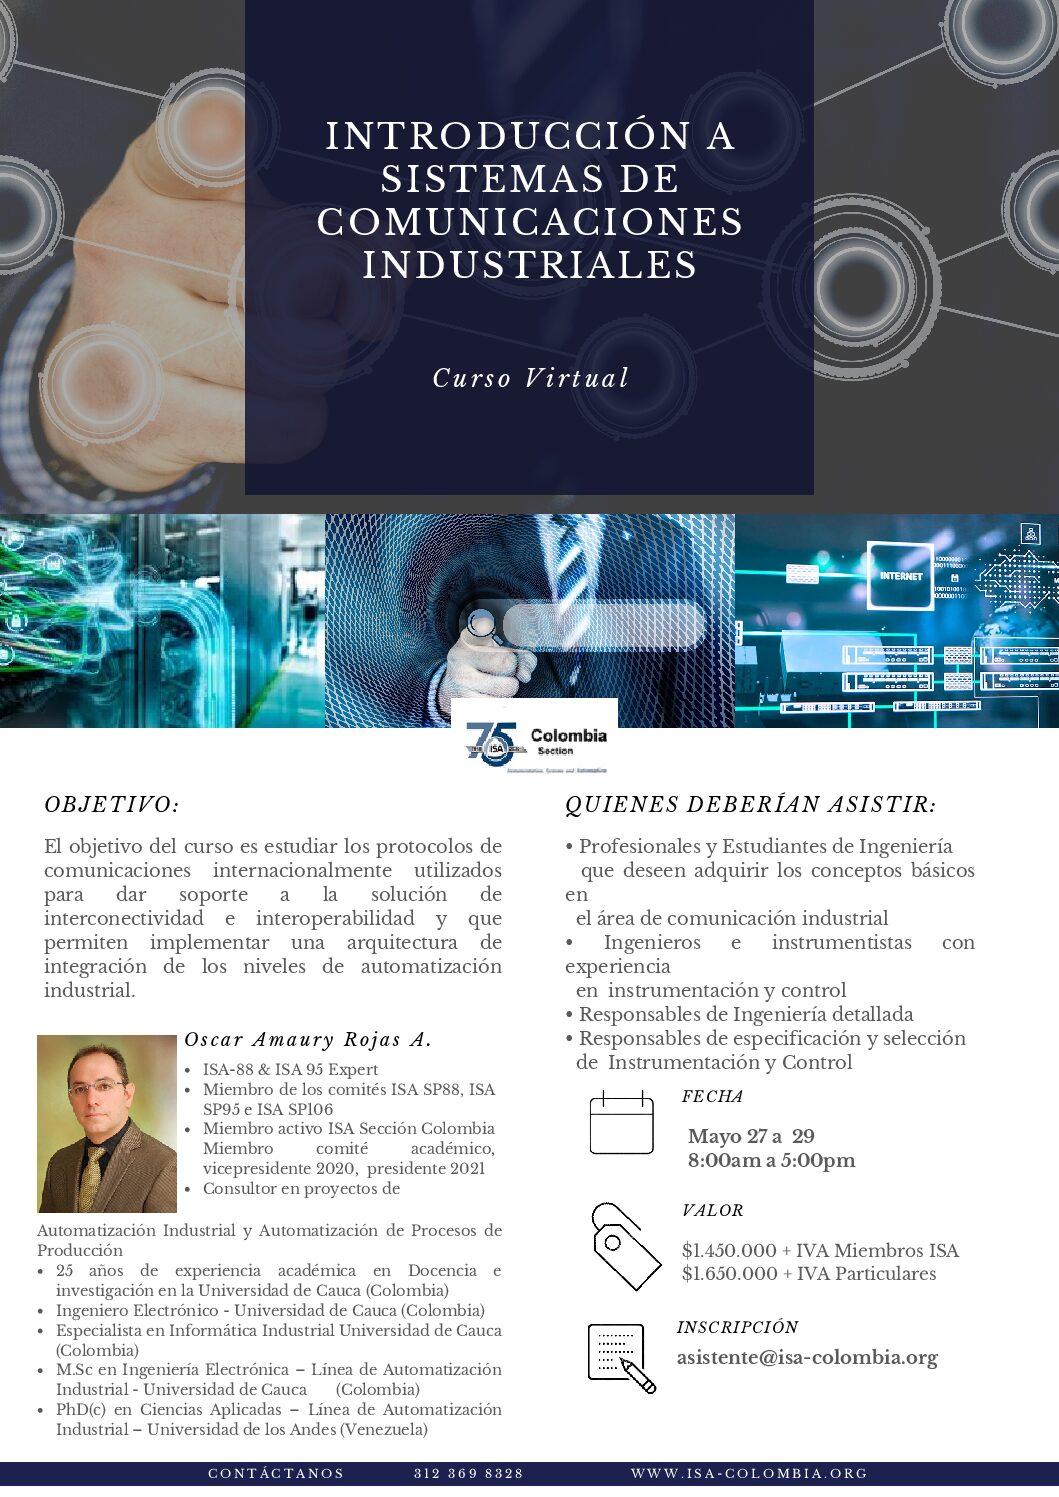 Curso Virtual: Introducción a los Sistemas de Comunicaciones Industriales